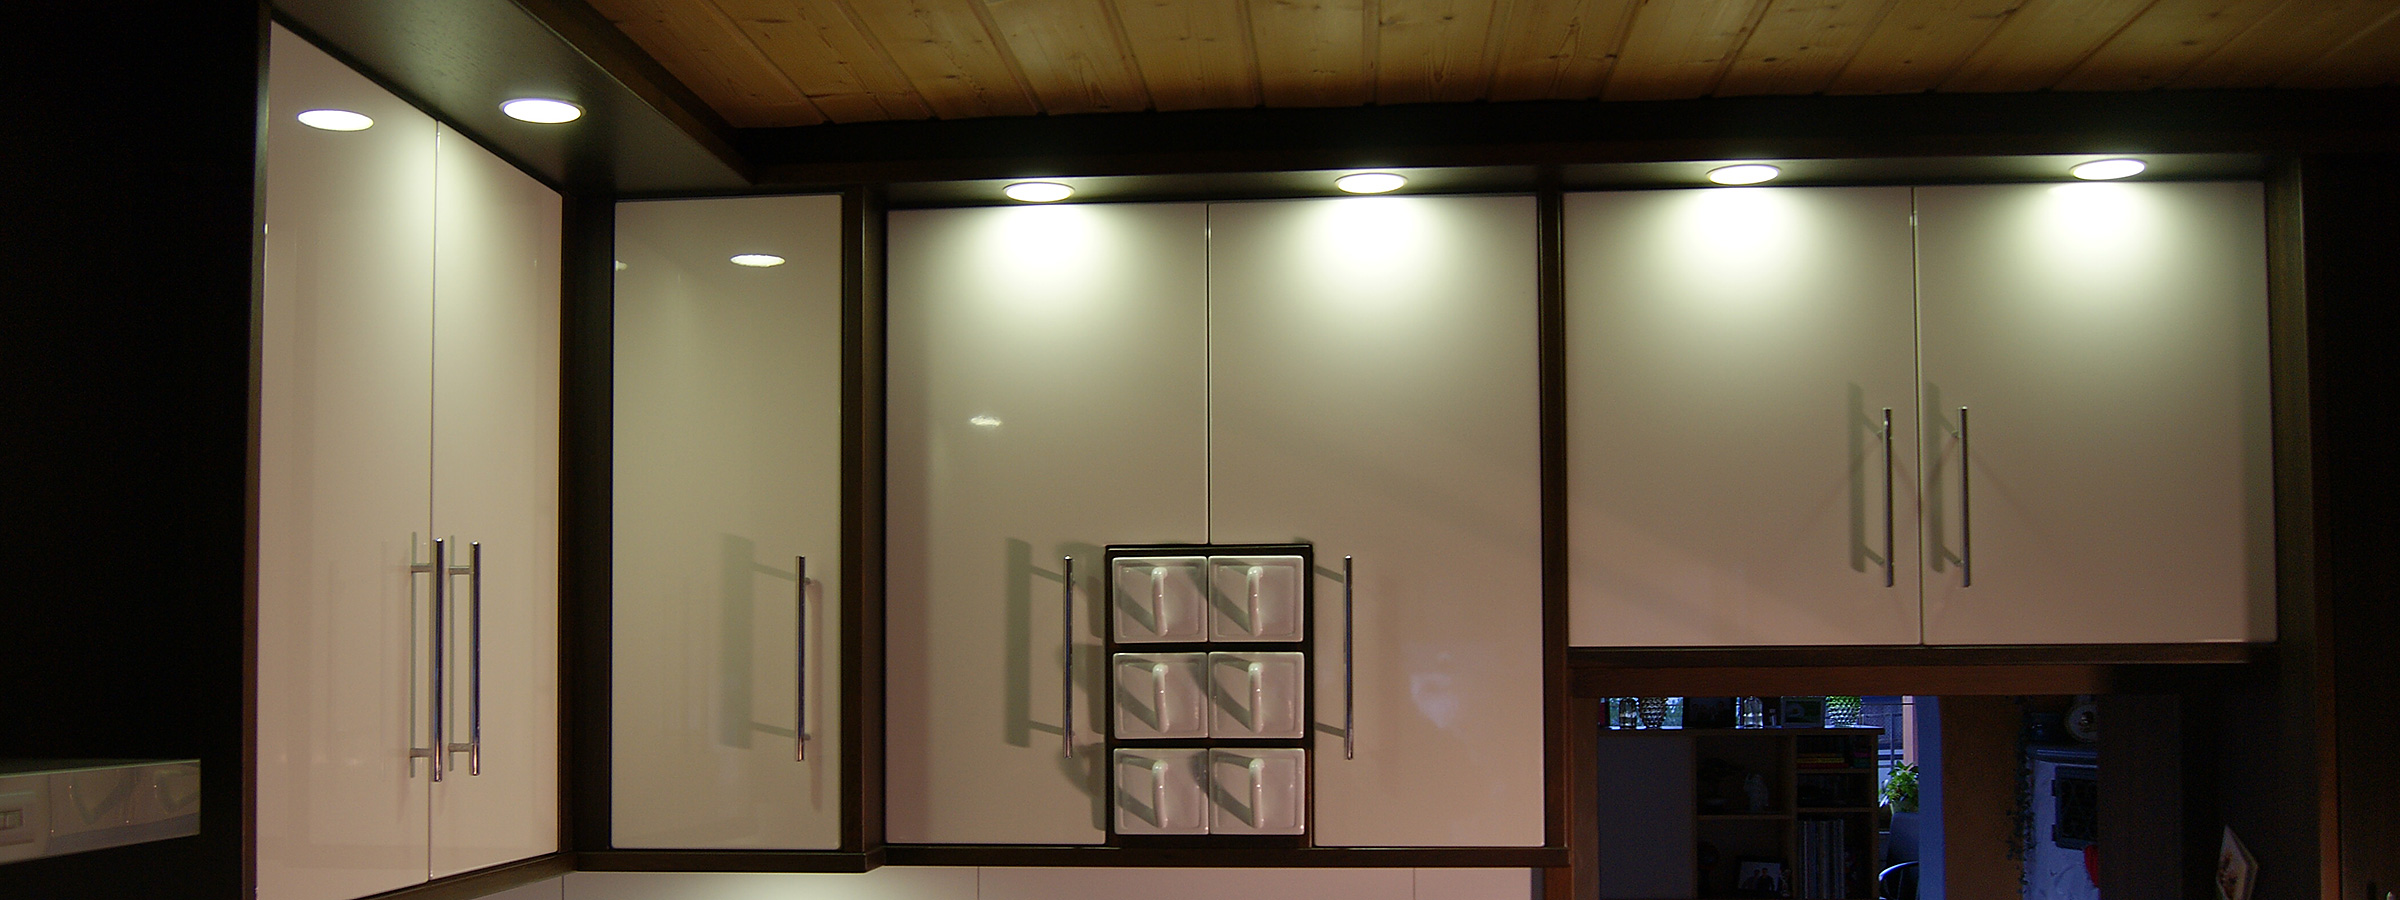 Schreinerei Holzmann Buchloe - Maß gefertigte Küchen Möbel Innenausbau